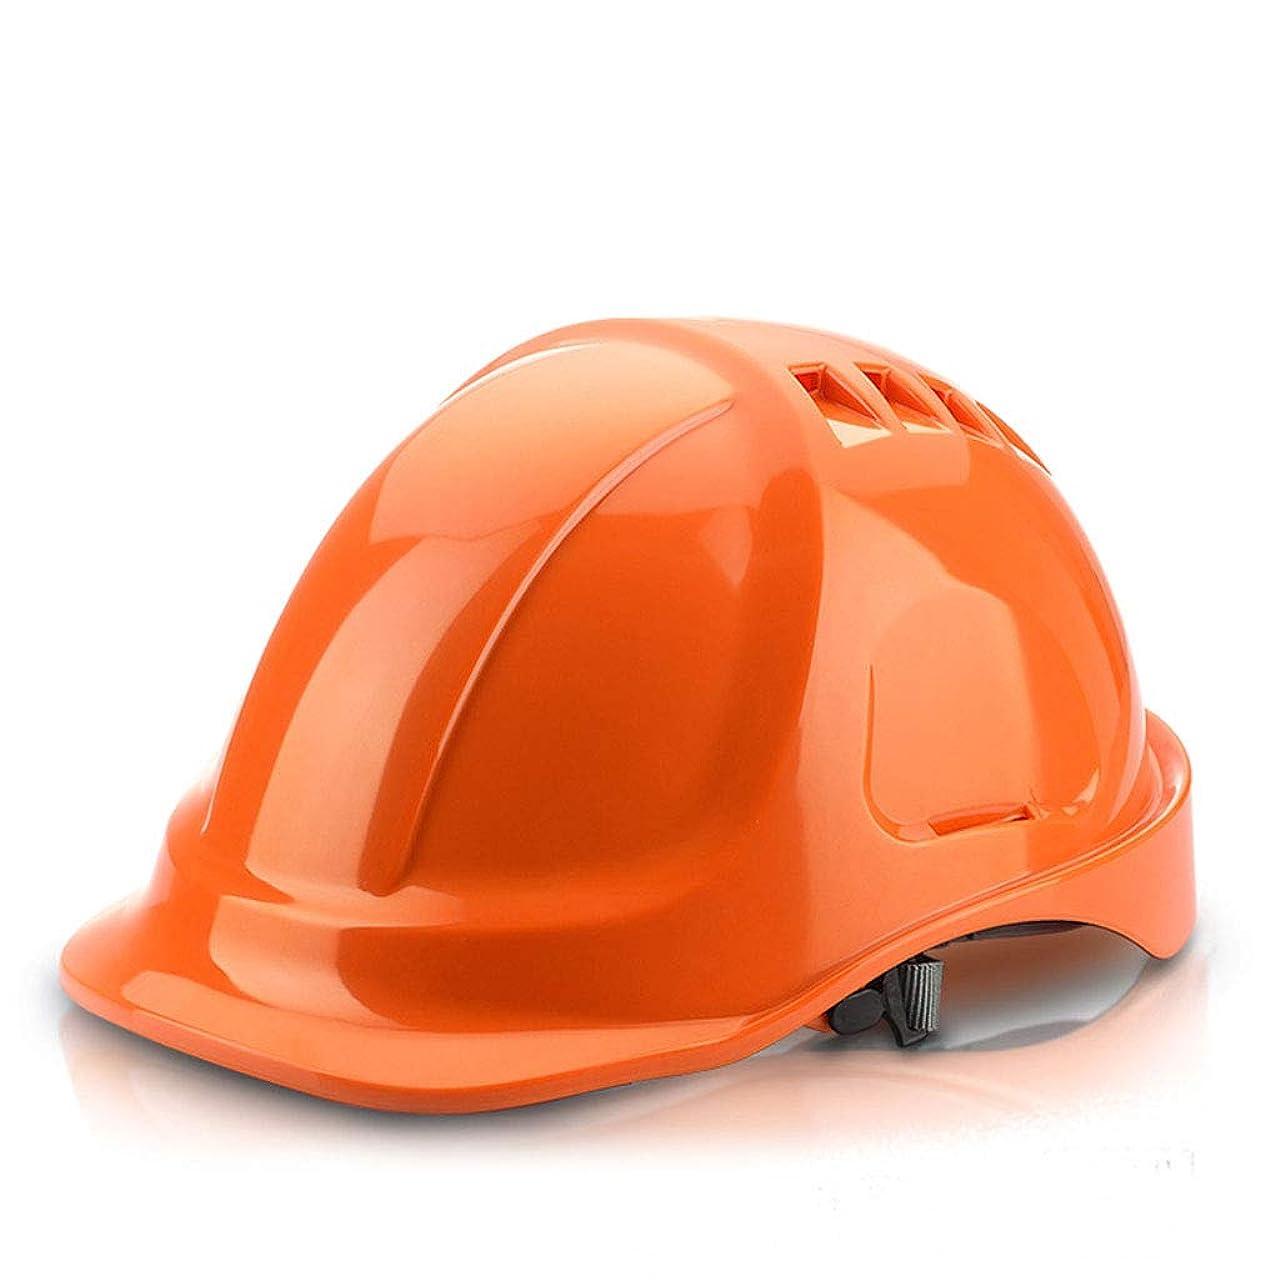 上院議員絞る破産ヘッド保護 建設ヘルメット - ライトトランスミッションABSヘルメットサイト航空作業建設サイト建設キャップ 作業安全装置 (色 : オレンジ)